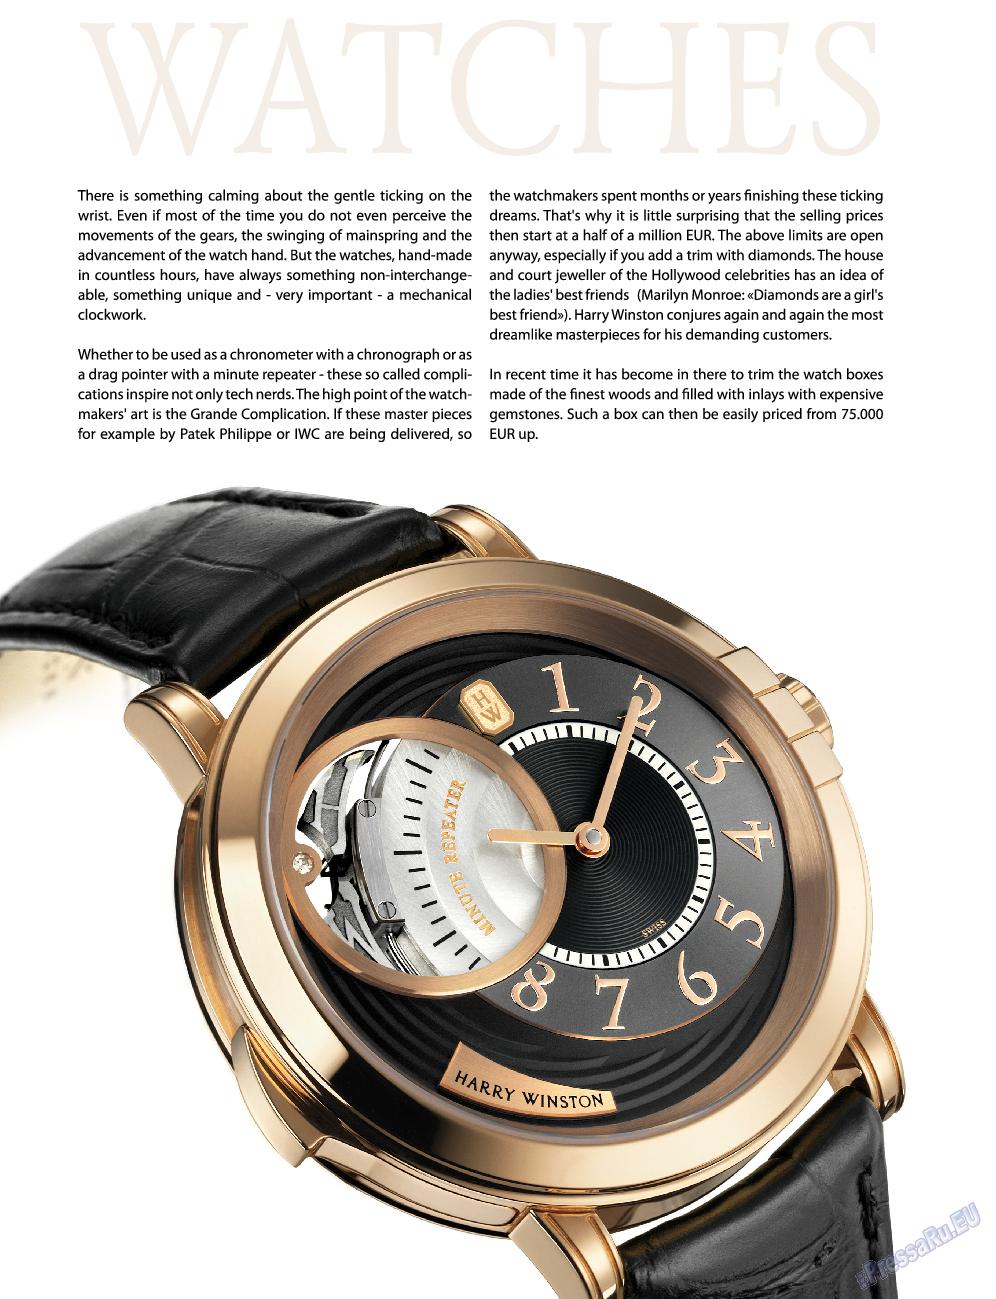 Клан (журнал). 2011 год, номер 1, стр. 64